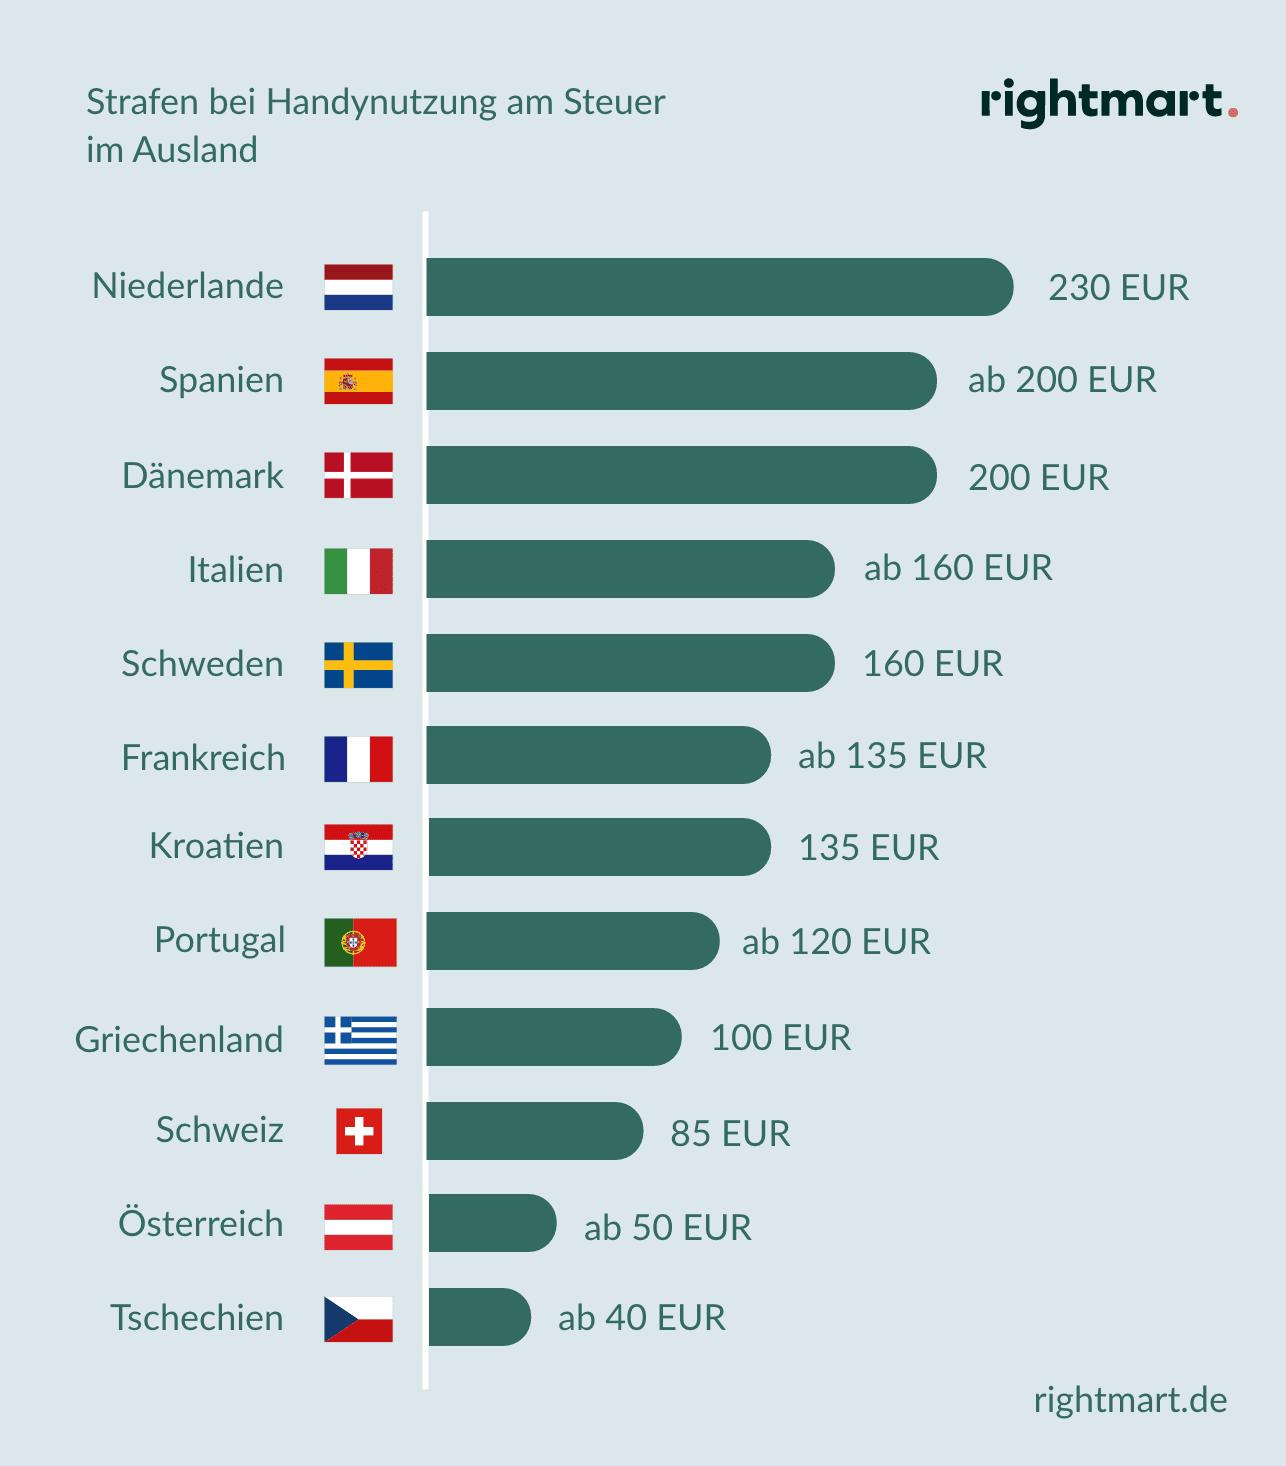 Strafen bei Handynutzung am Steuer im Ausland